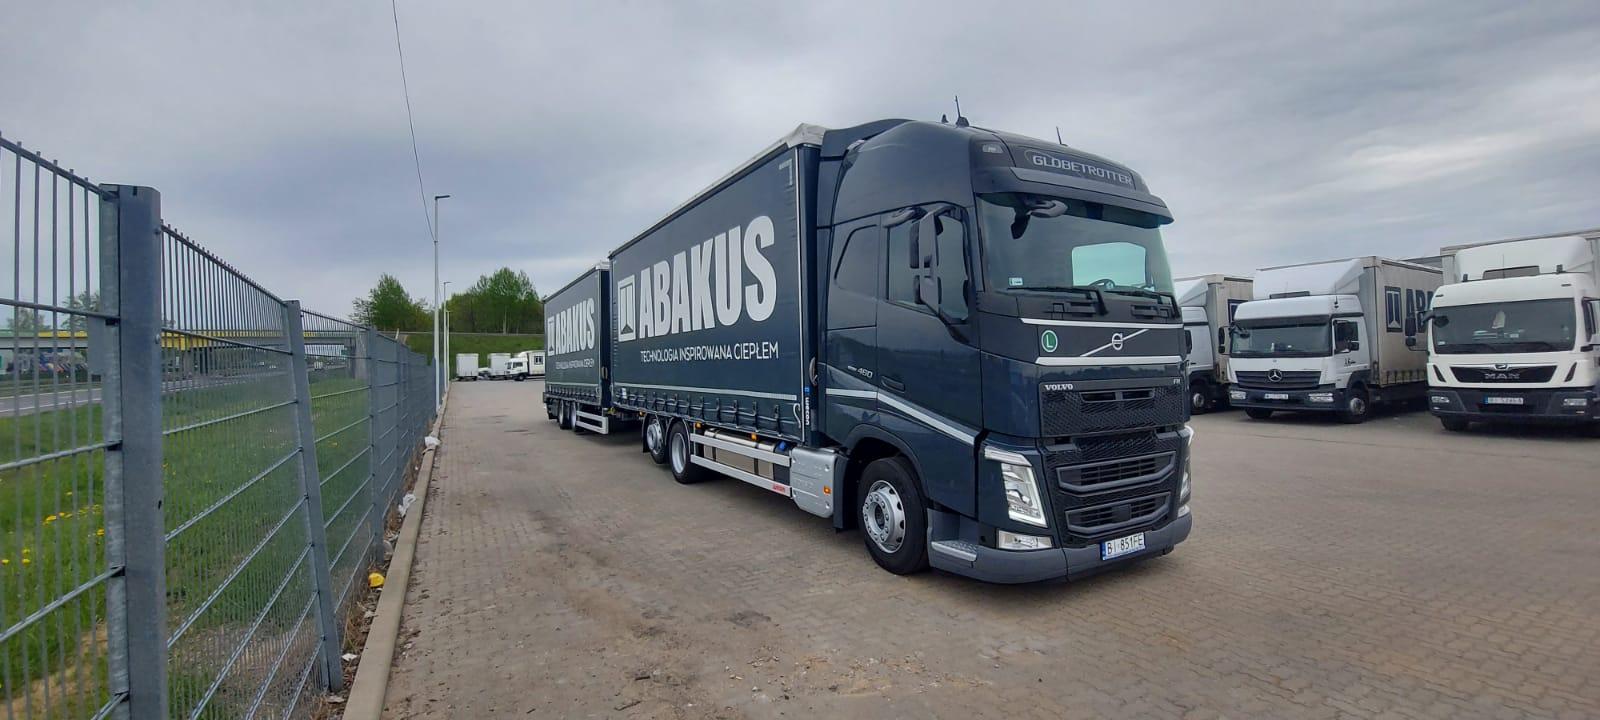 Samochód dostawczy Volvo FH —najlepsze możliwości wtransporcie budowlanym